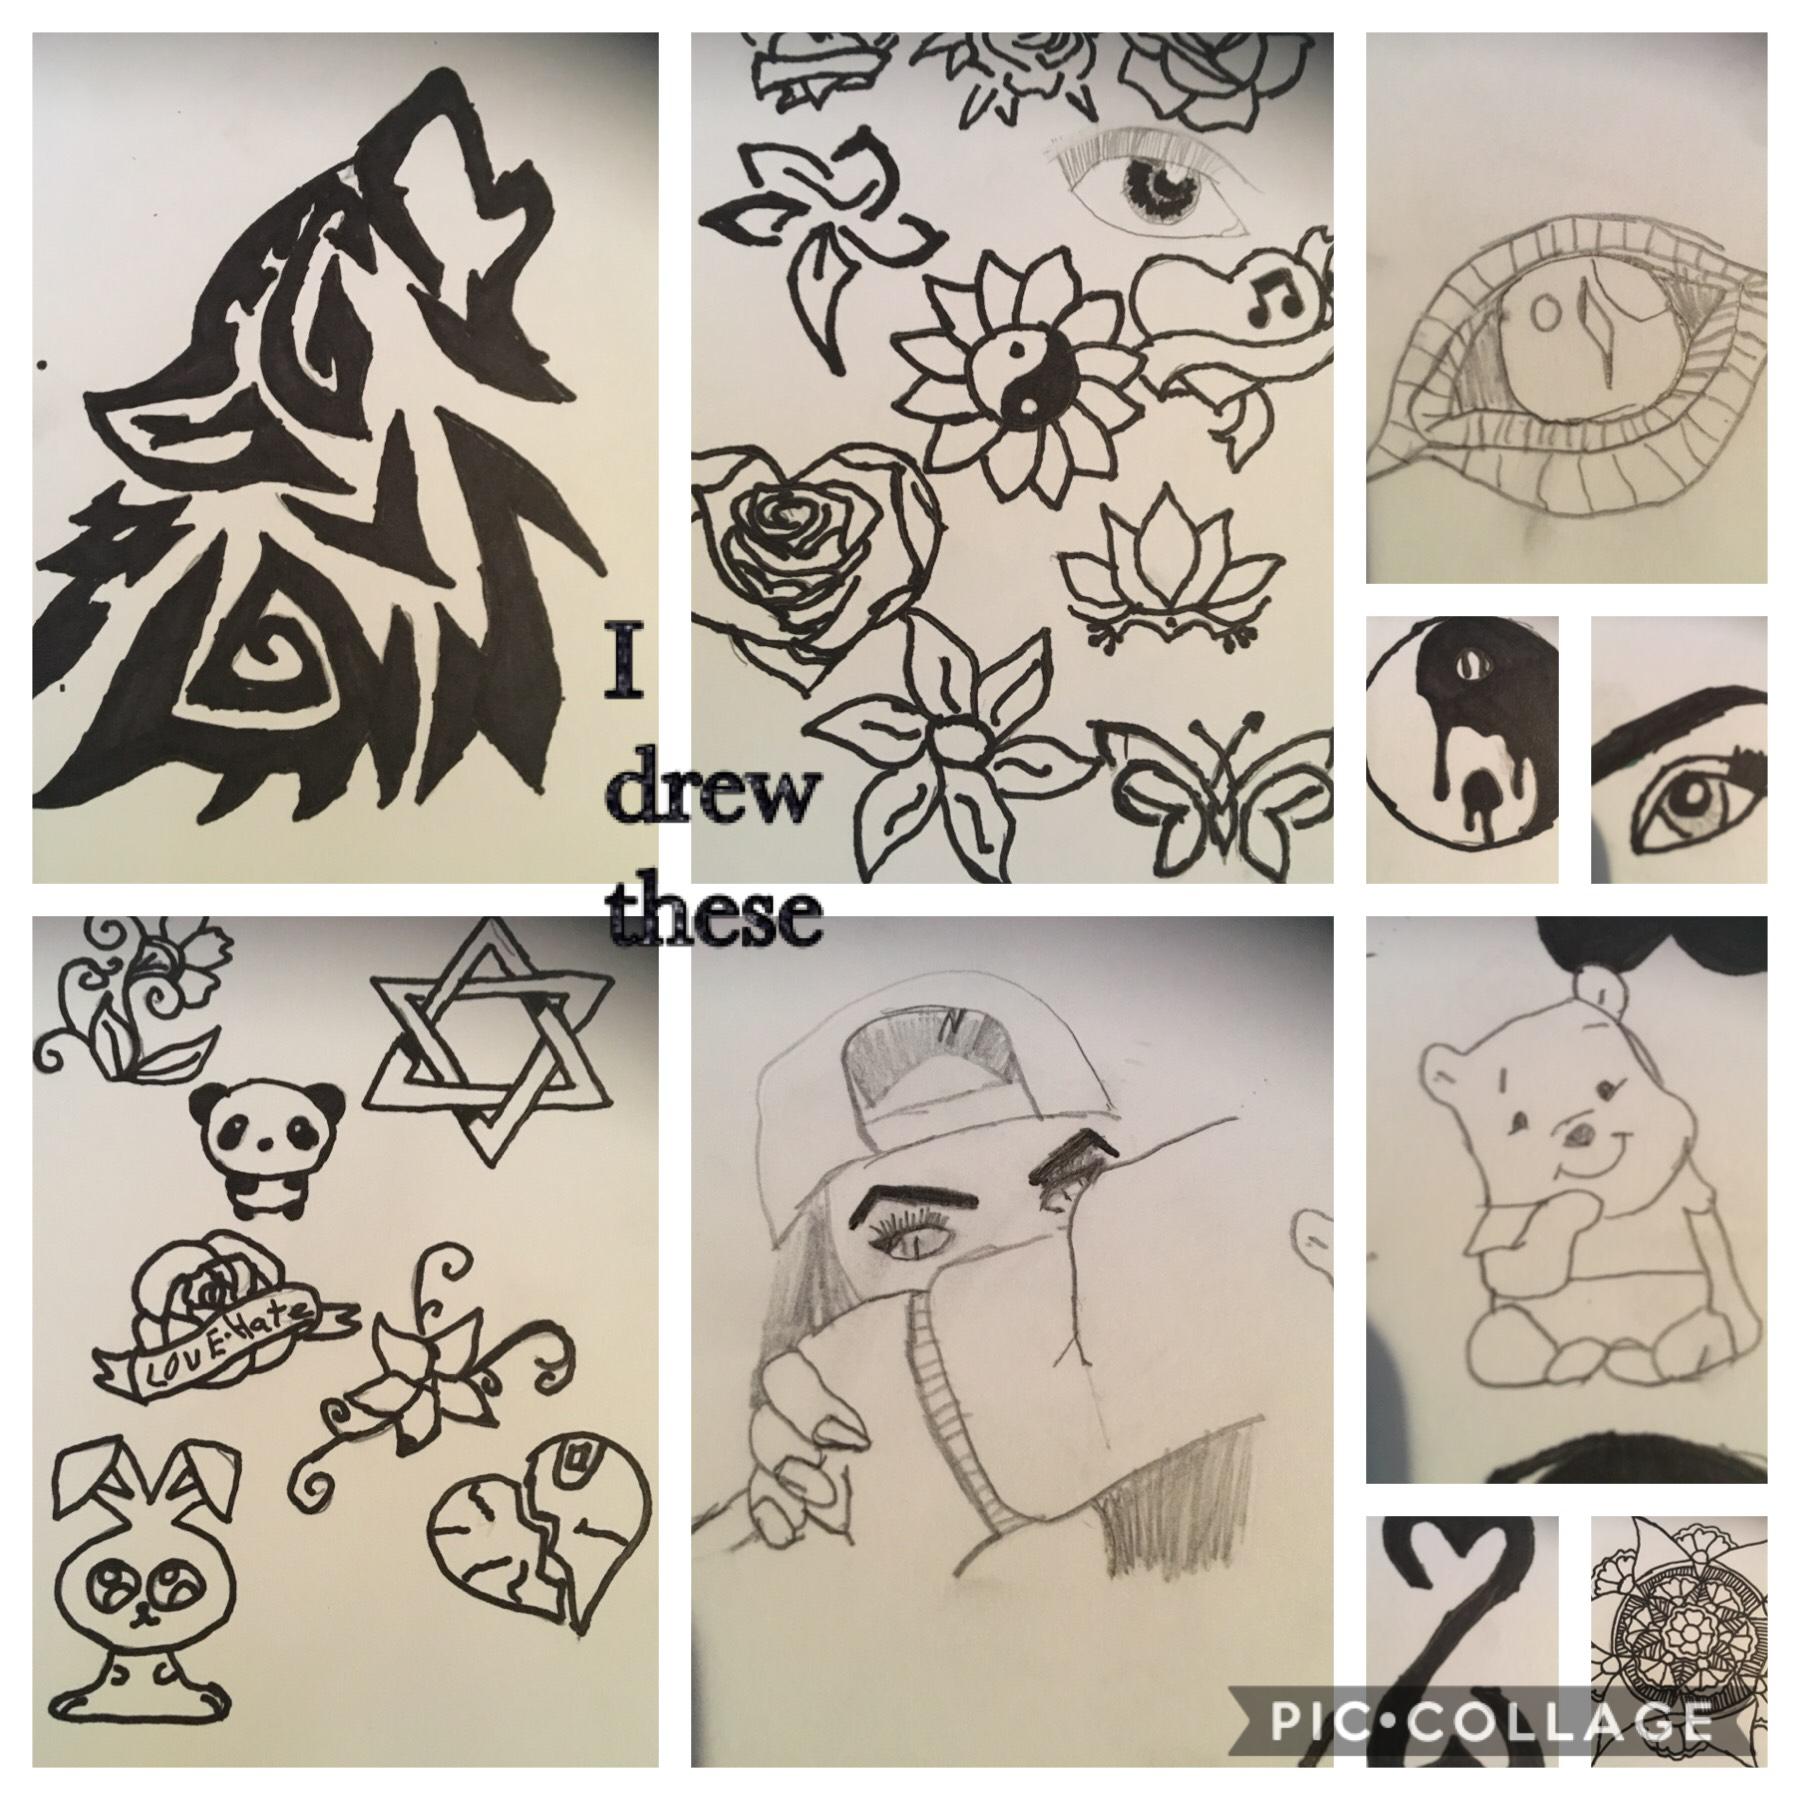 I drew these